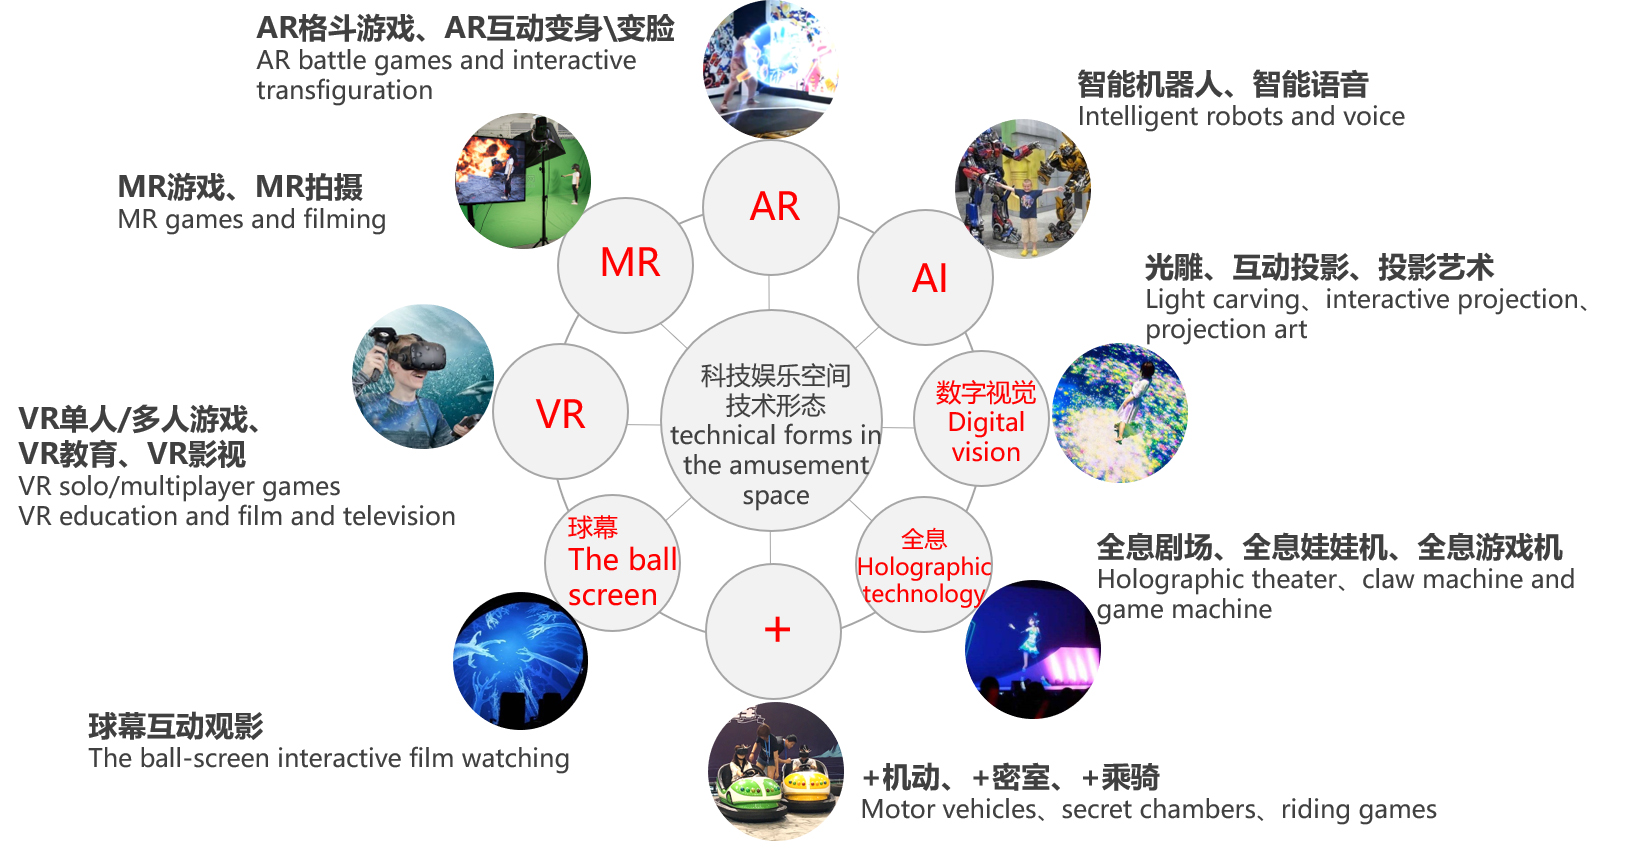 携手合作,共创未来,奥亦乐园与造梦科技达成战略合作